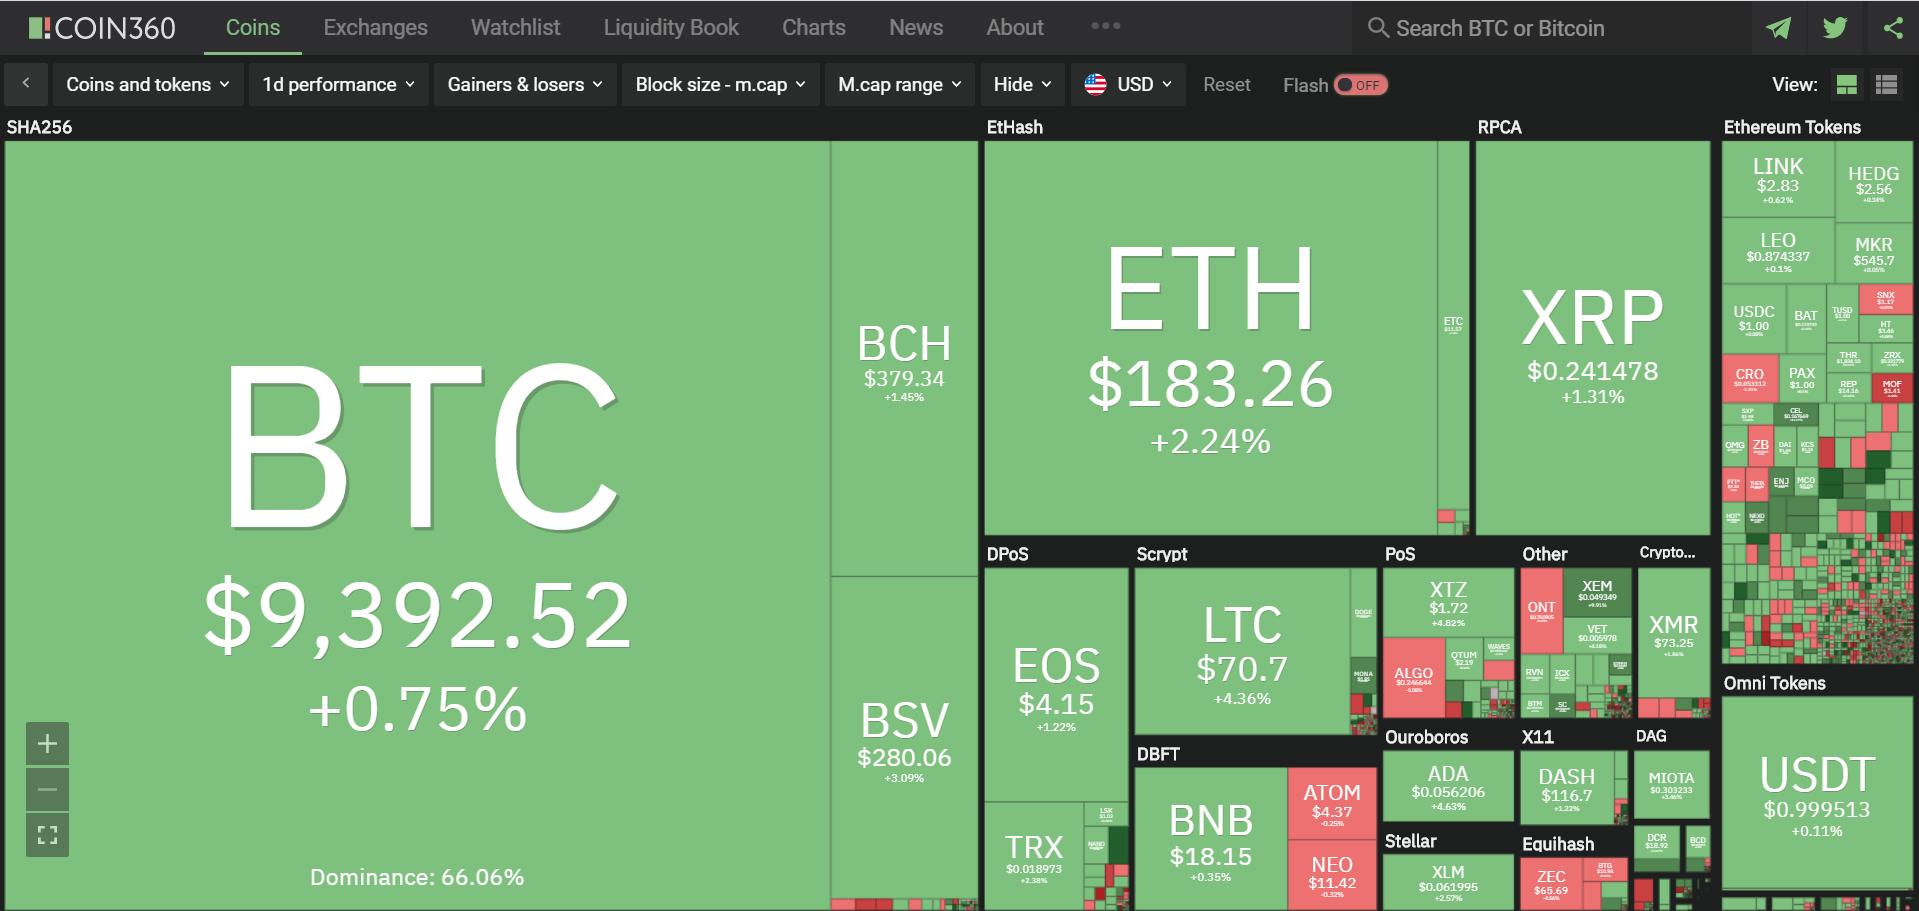 Toàn cảnh thị trường tiền kĩ thuật số hôm nay (2/2) (Nguồn: Coin360.com)